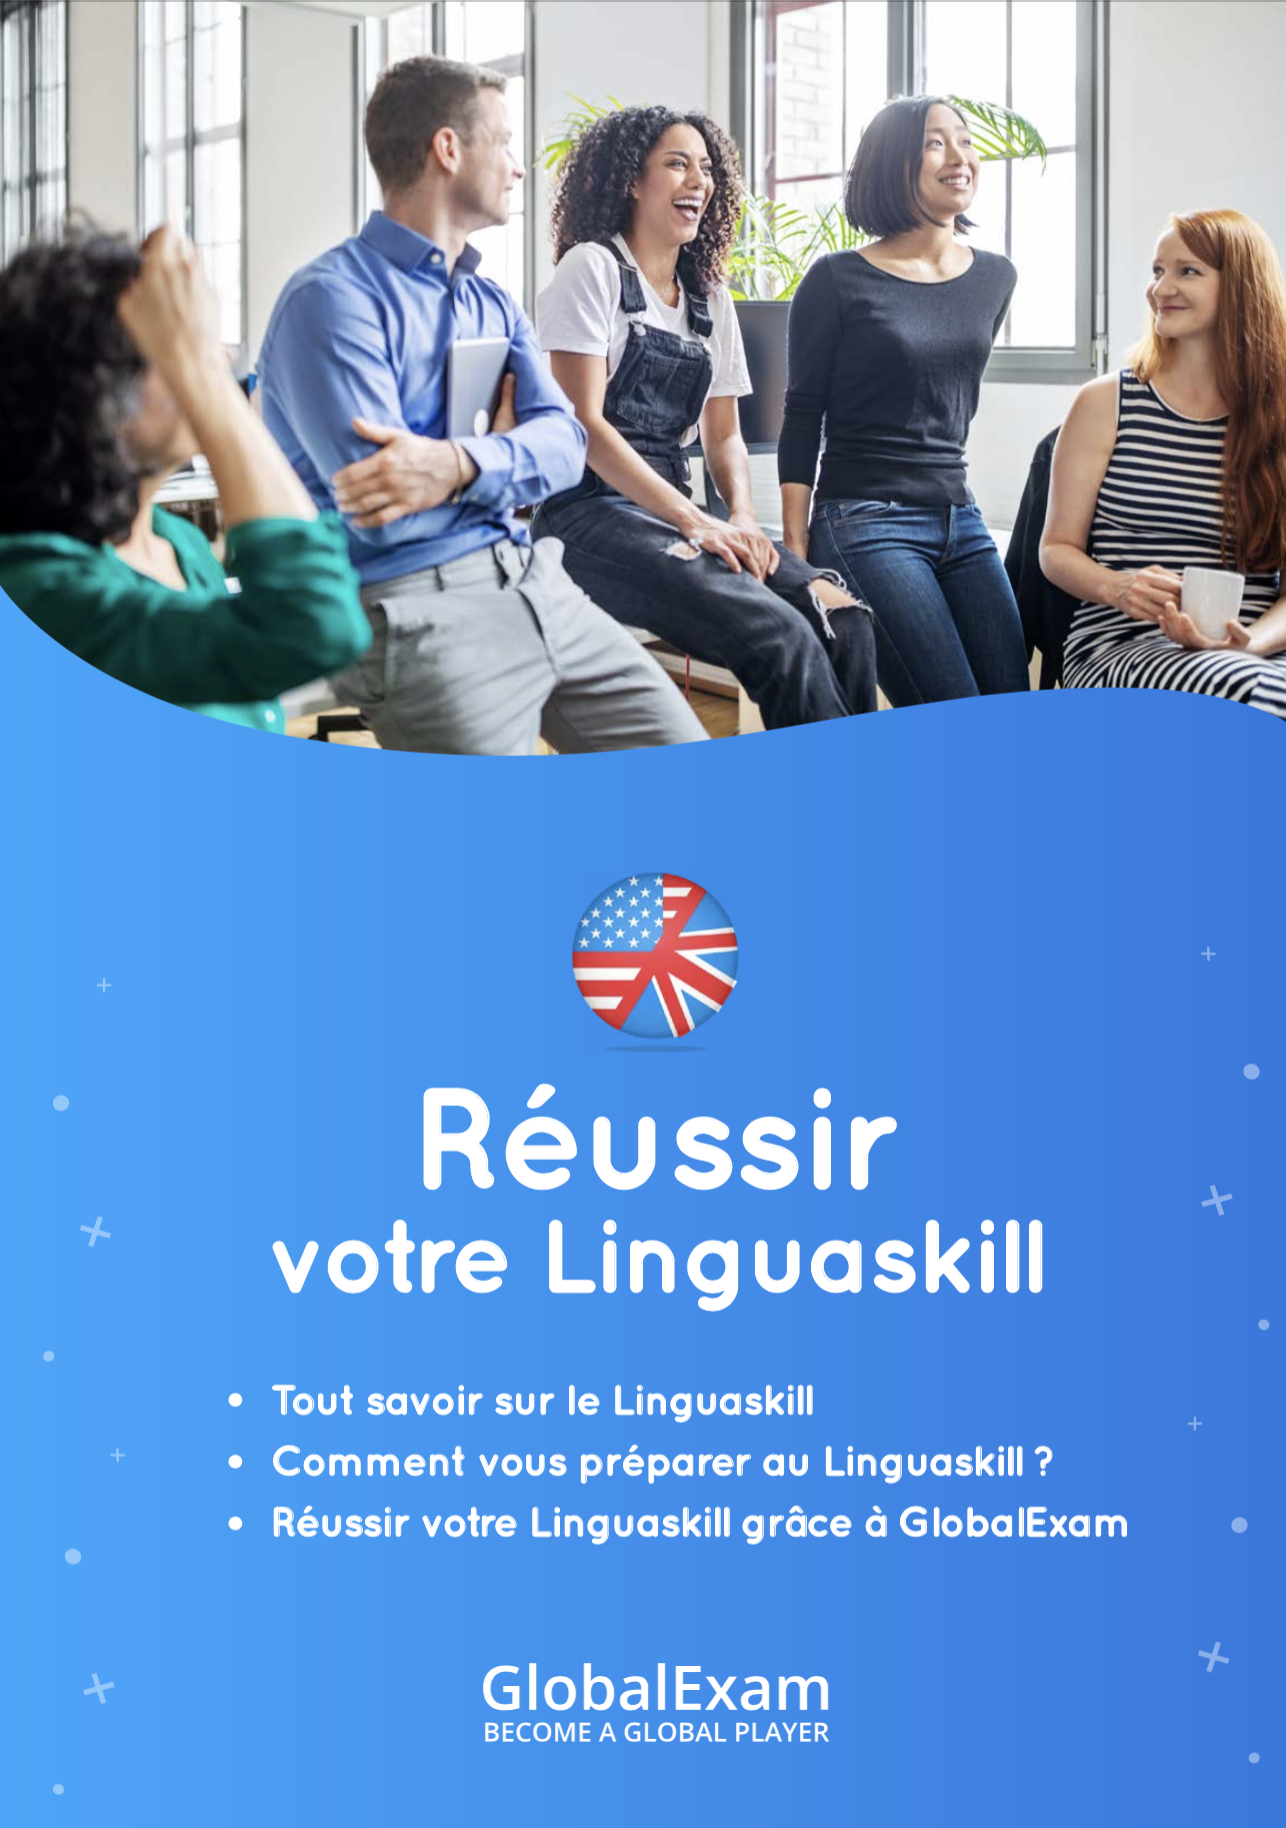 Comment préparer vos apprenants au Linguaskill